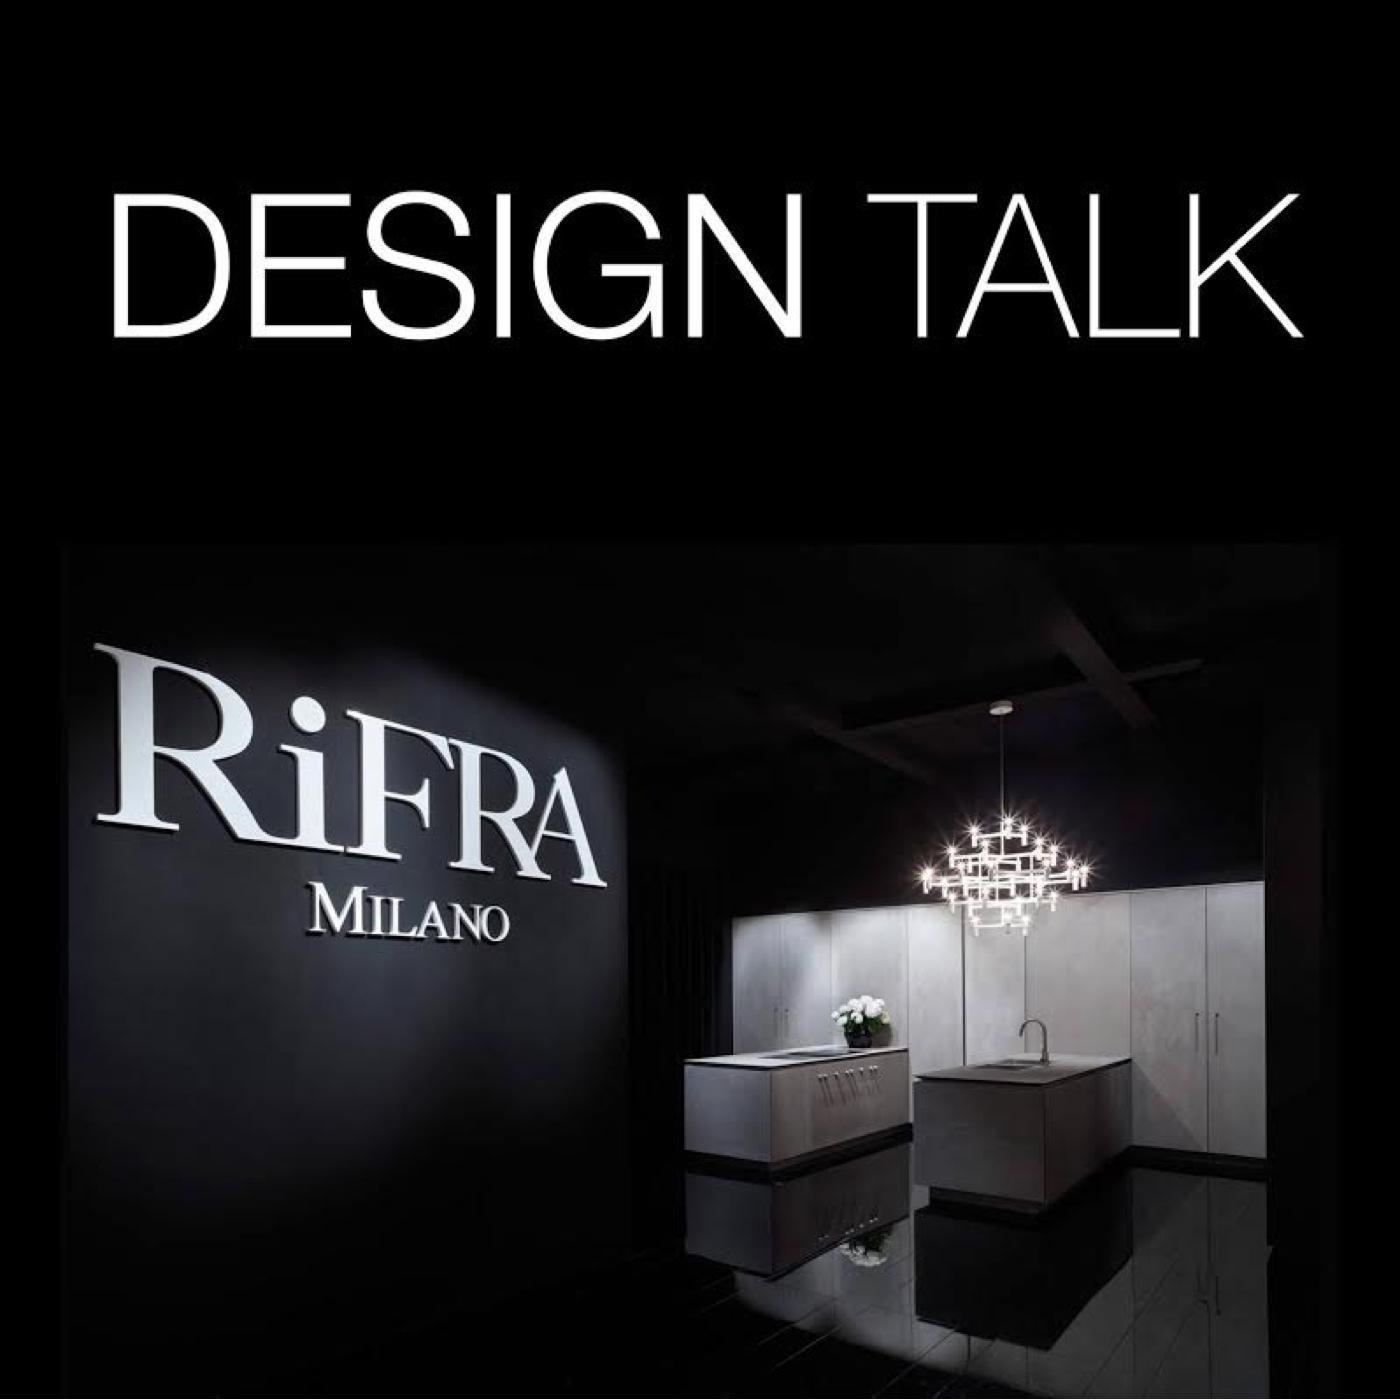 design talk design talk 5 migliori Podcast di Architettura e Design